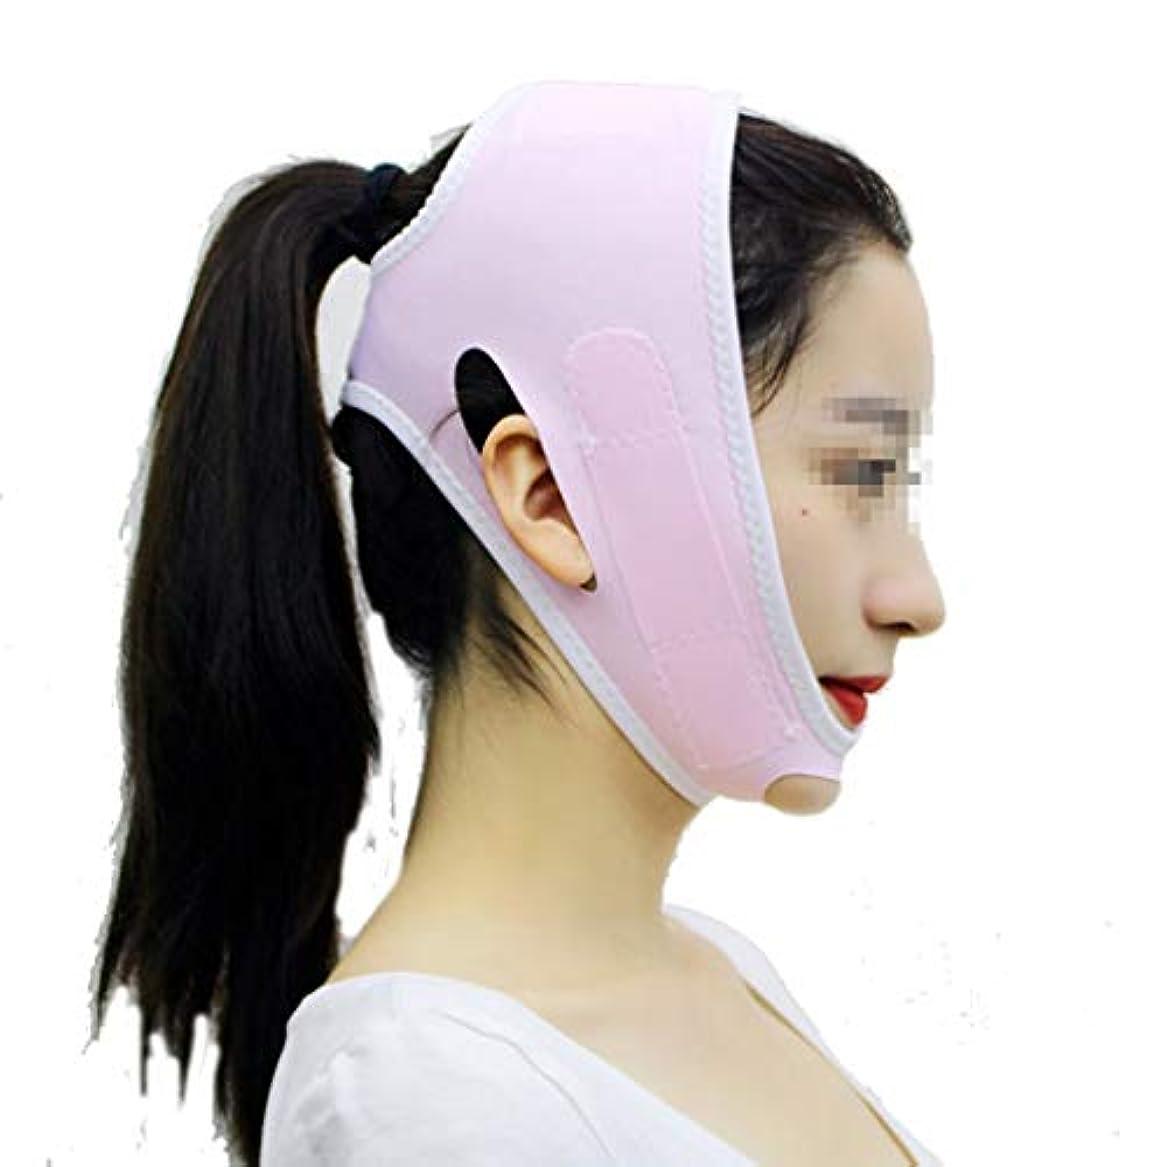 援助暴露する日付美容包帯、vフェイス睡眠薄いフェイスマスクライン彫刻回復フードリフティング引き締めフェイスダブルチンマスクマルチカラーオプション (Color : Pink)